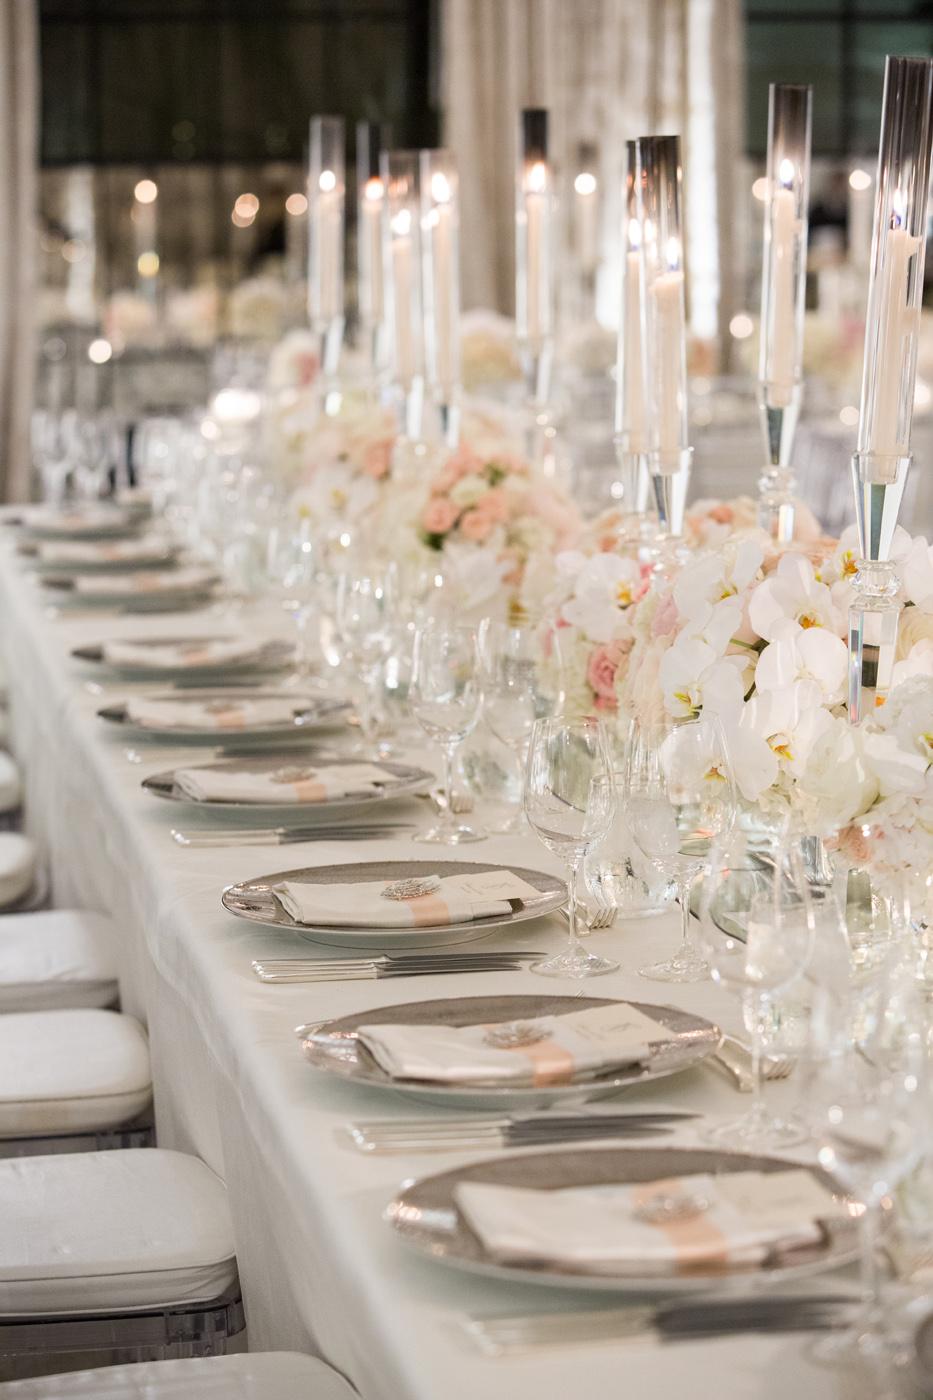 089_DukePhotography_DukeImages_Wedding_Details.jpg